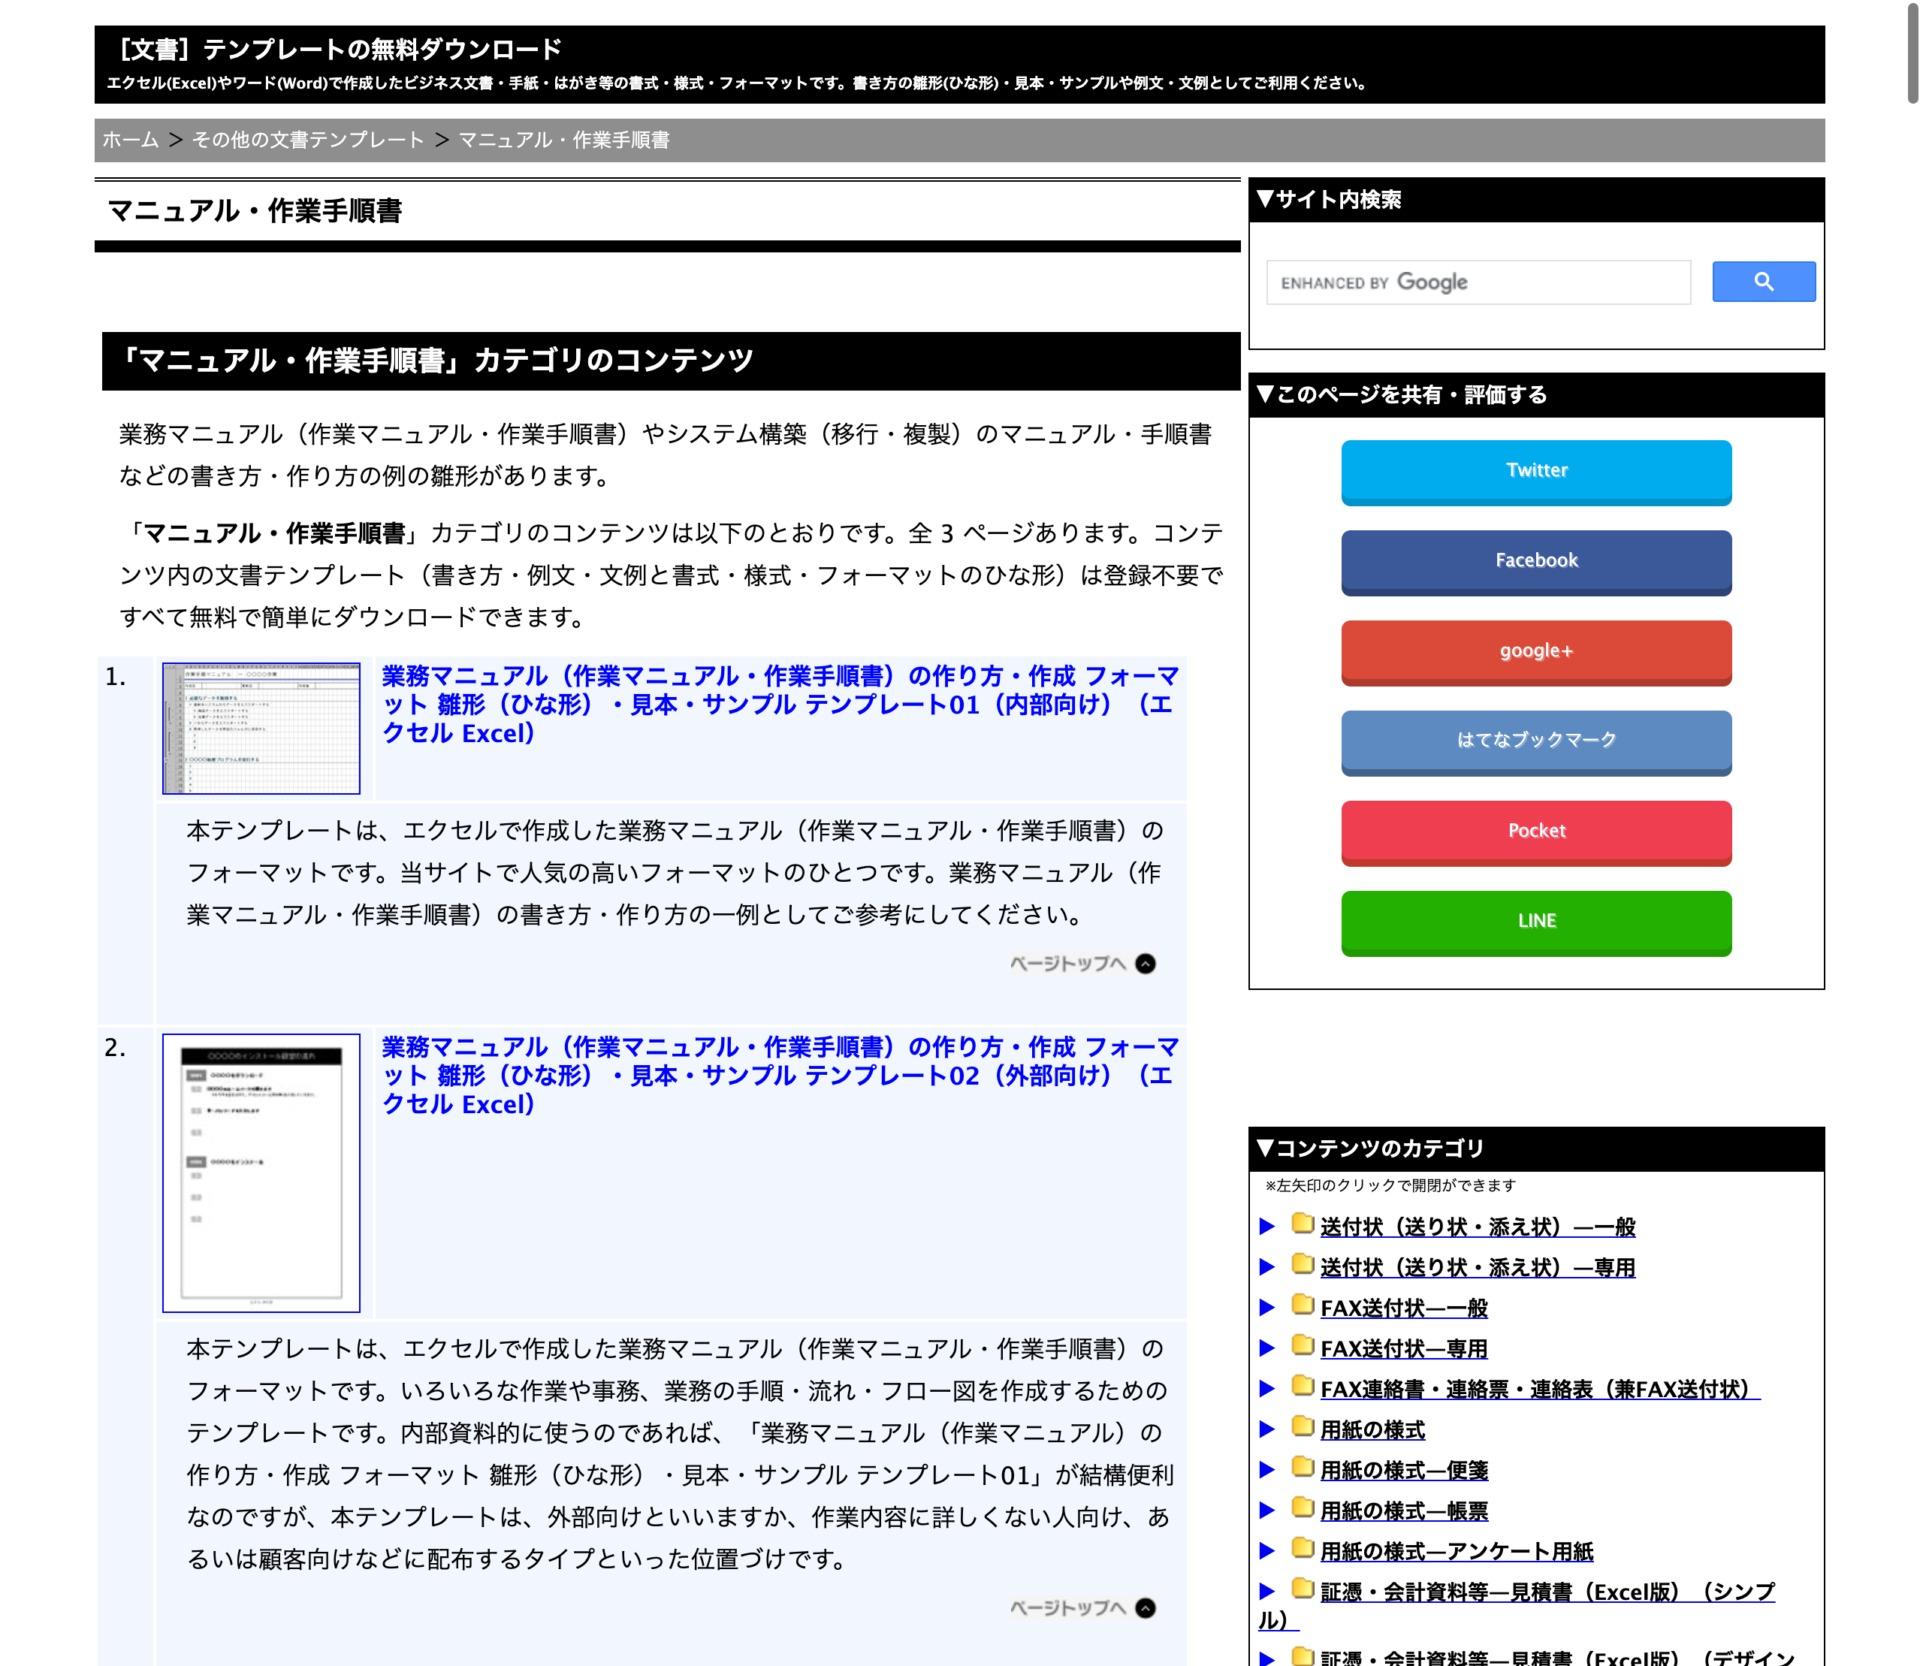 業務マニュアルを簡単に作れる!無料で使えるテンプレートサイト9選!